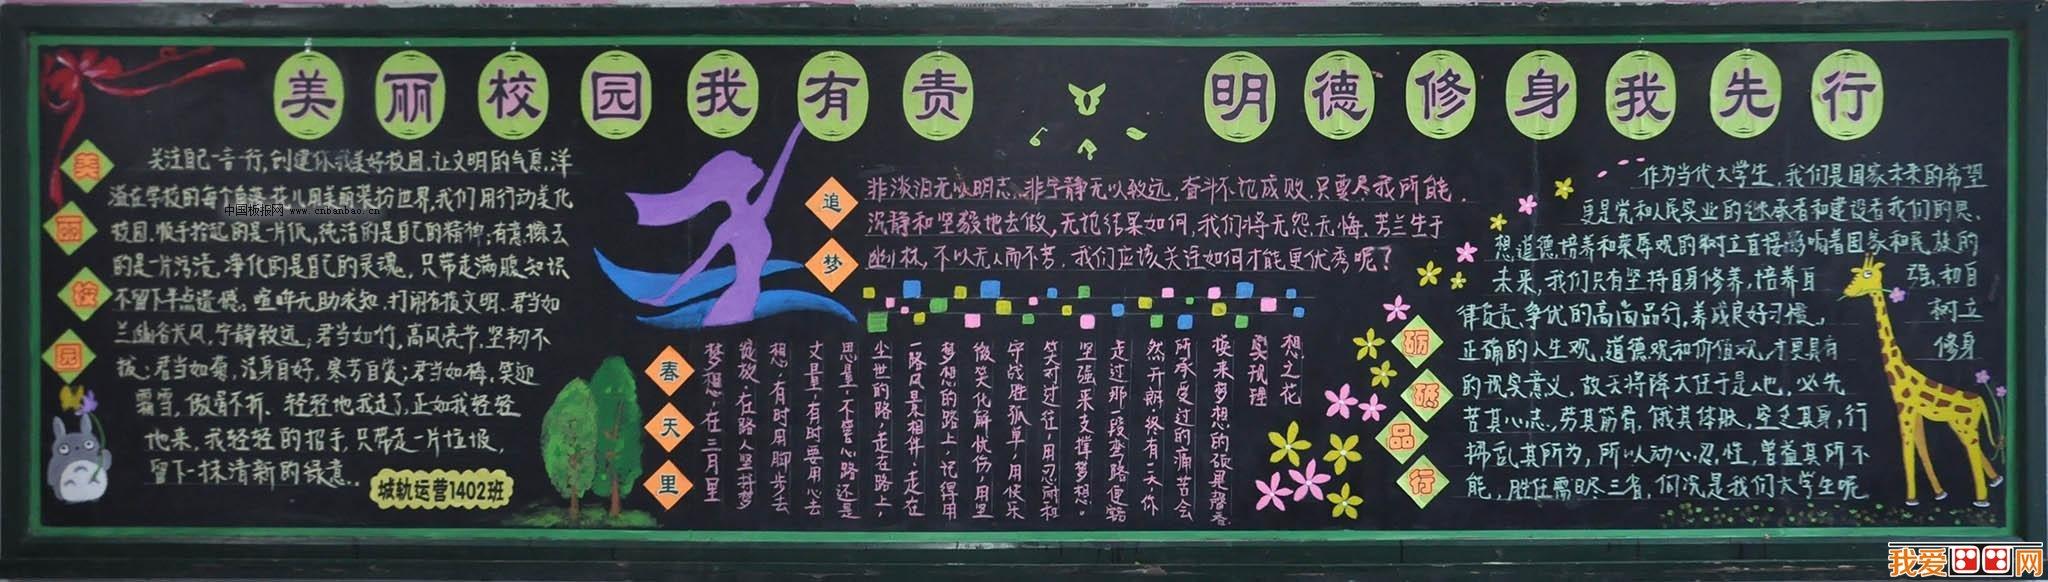 小学生赞颂校园黑板报作品欣赏